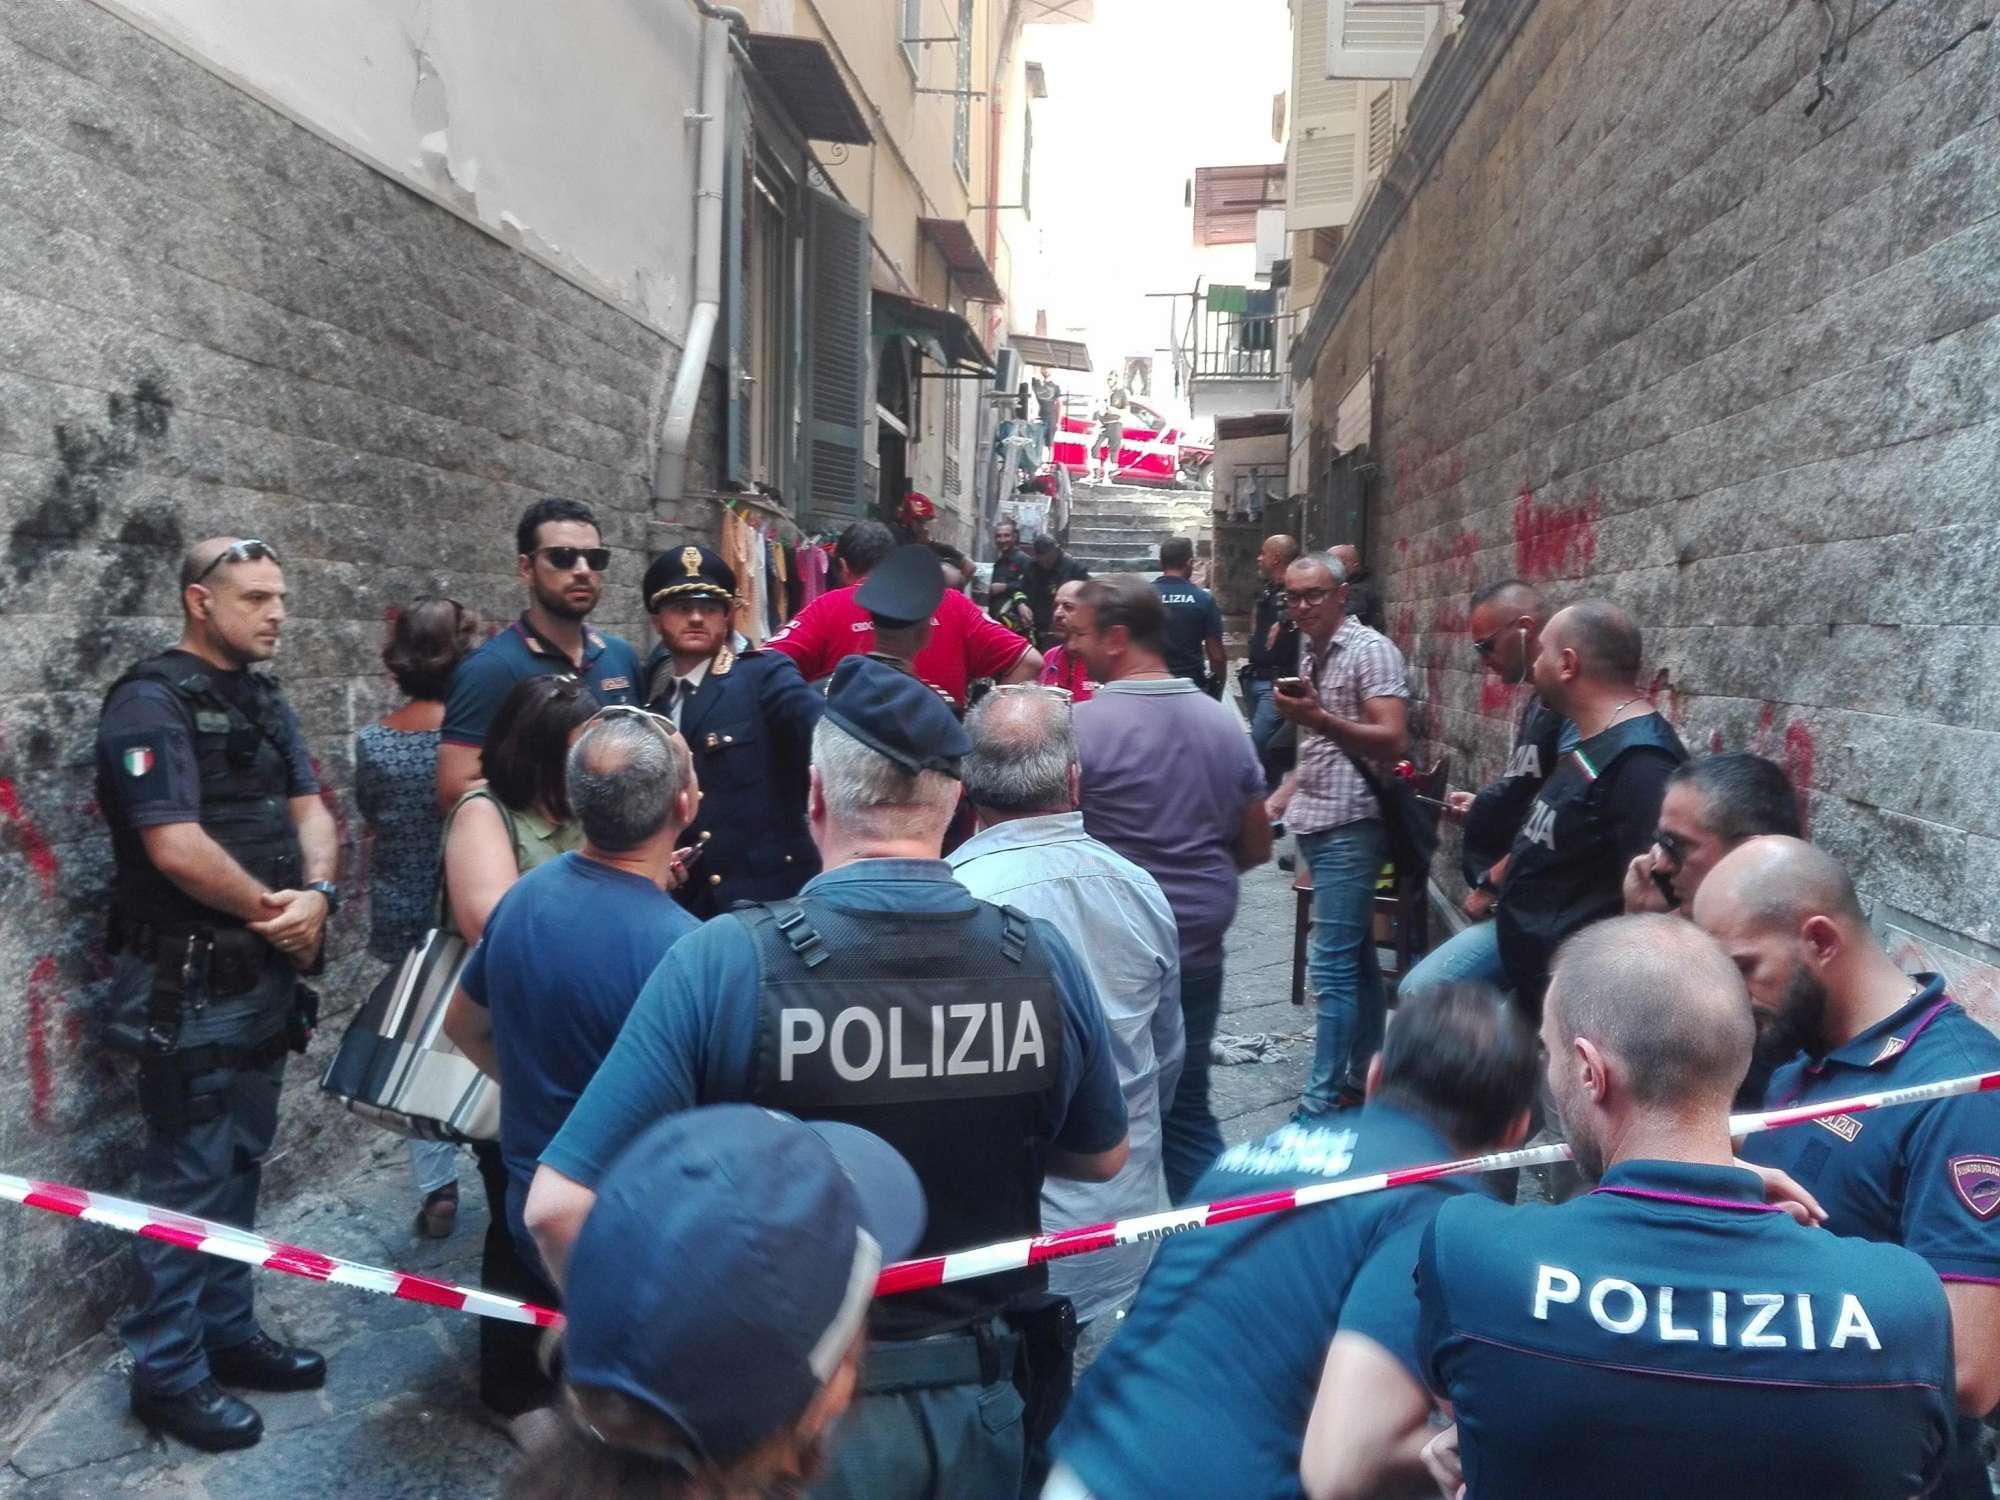 Esplosione a Napoli, un morto: in programma lo sfratto dalla casa